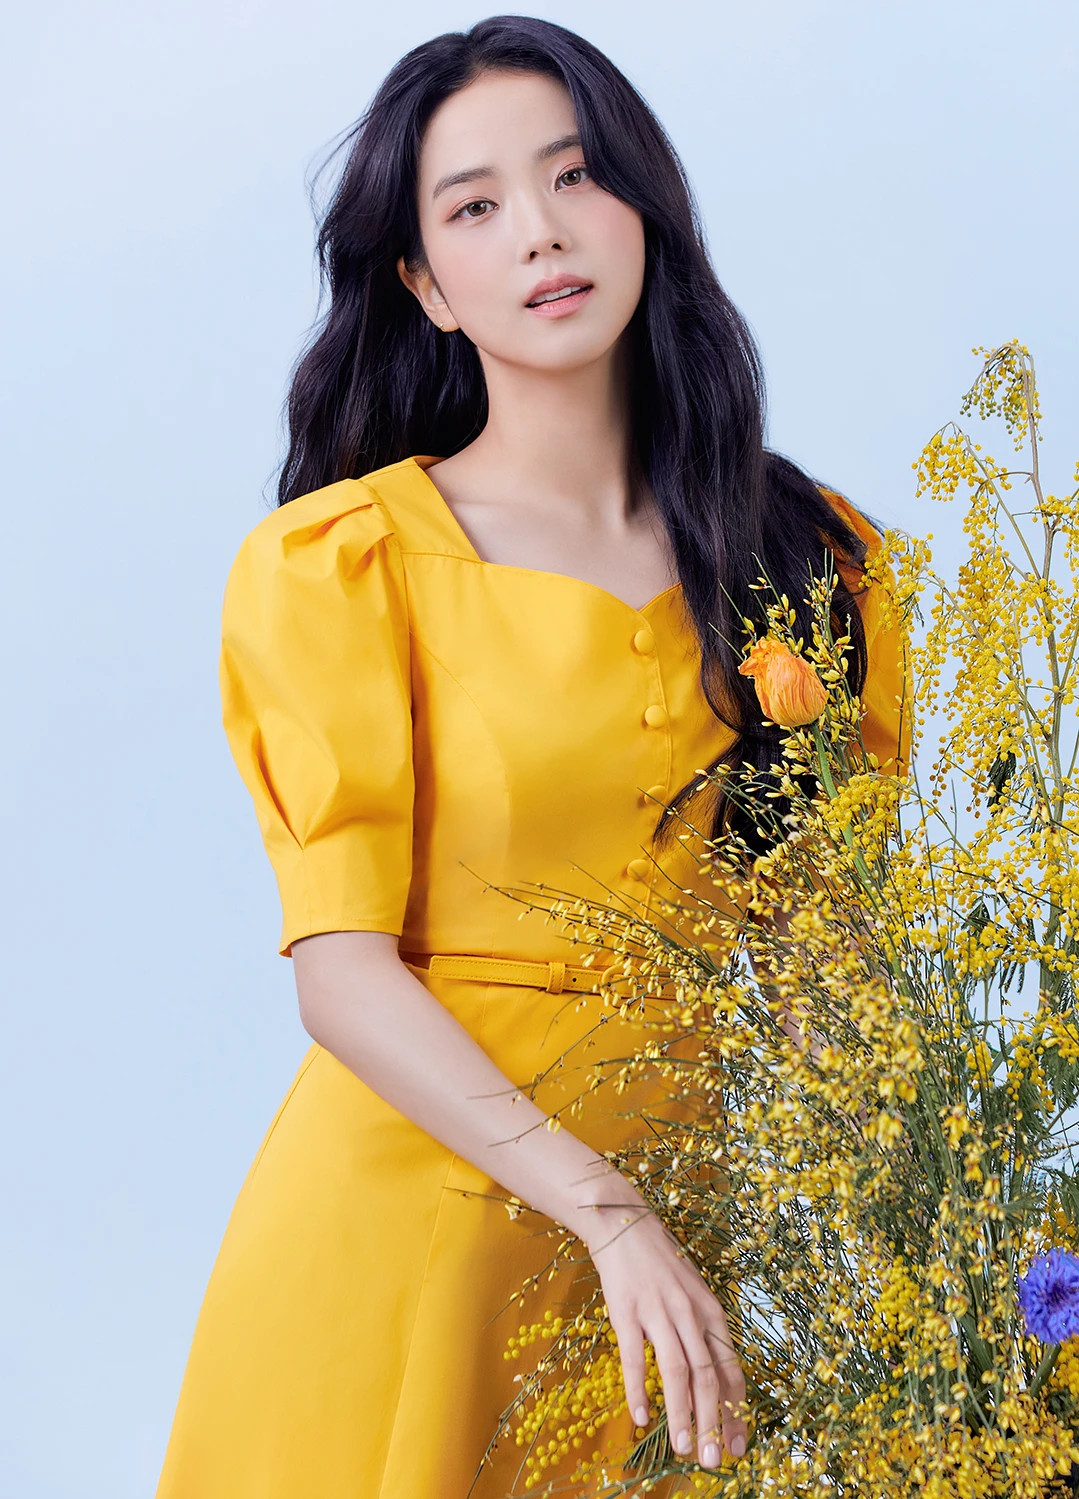 Những shoot hình nhẹ nhàng tựa nàng thơ của Ji Soo khiến fan lập tức muốn sắm ngay mẫu váy áo cô nàng đang diện.